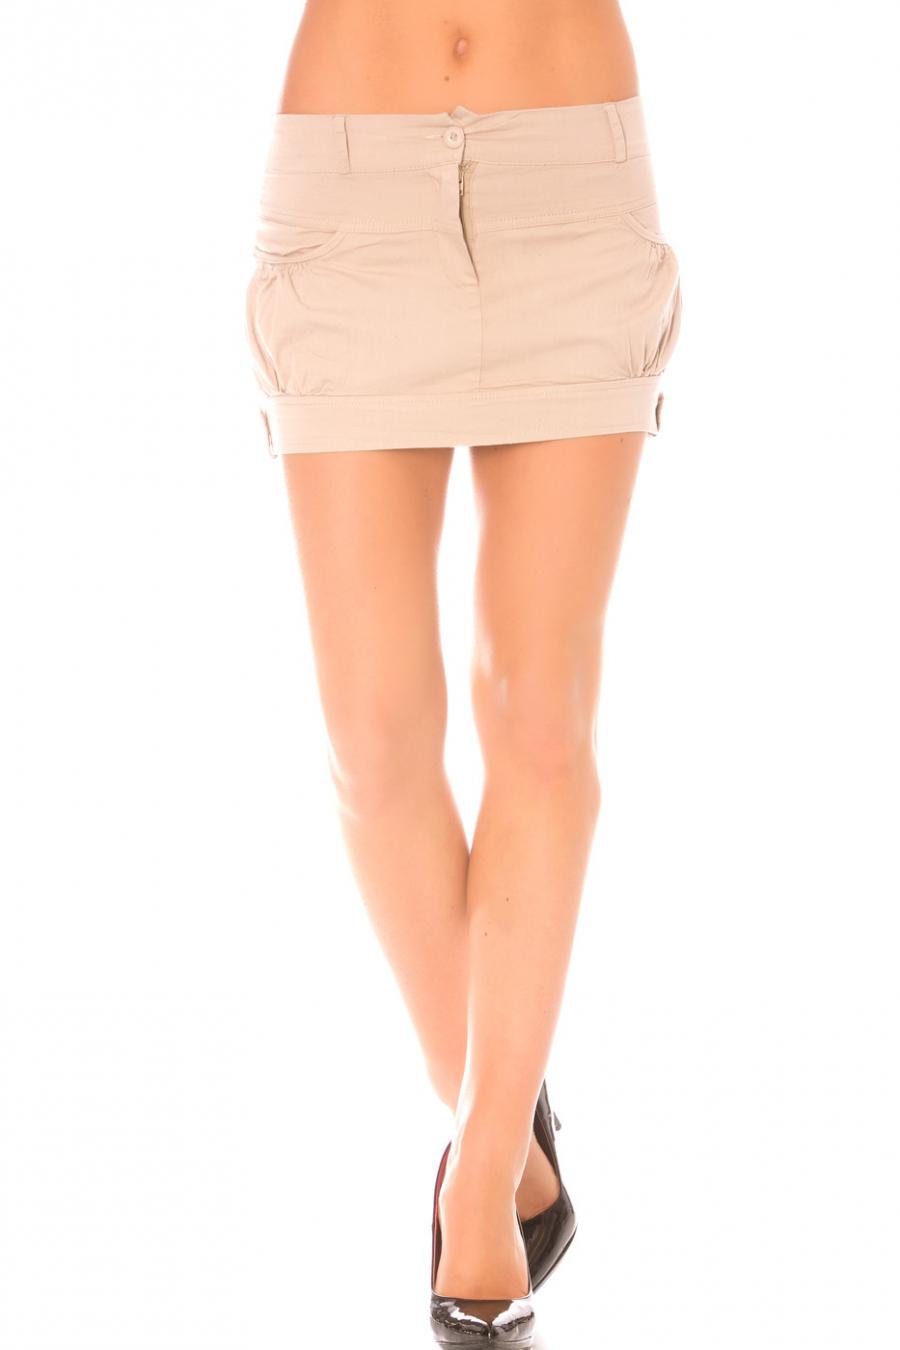 Jupe Beige courte à poches. Jupe